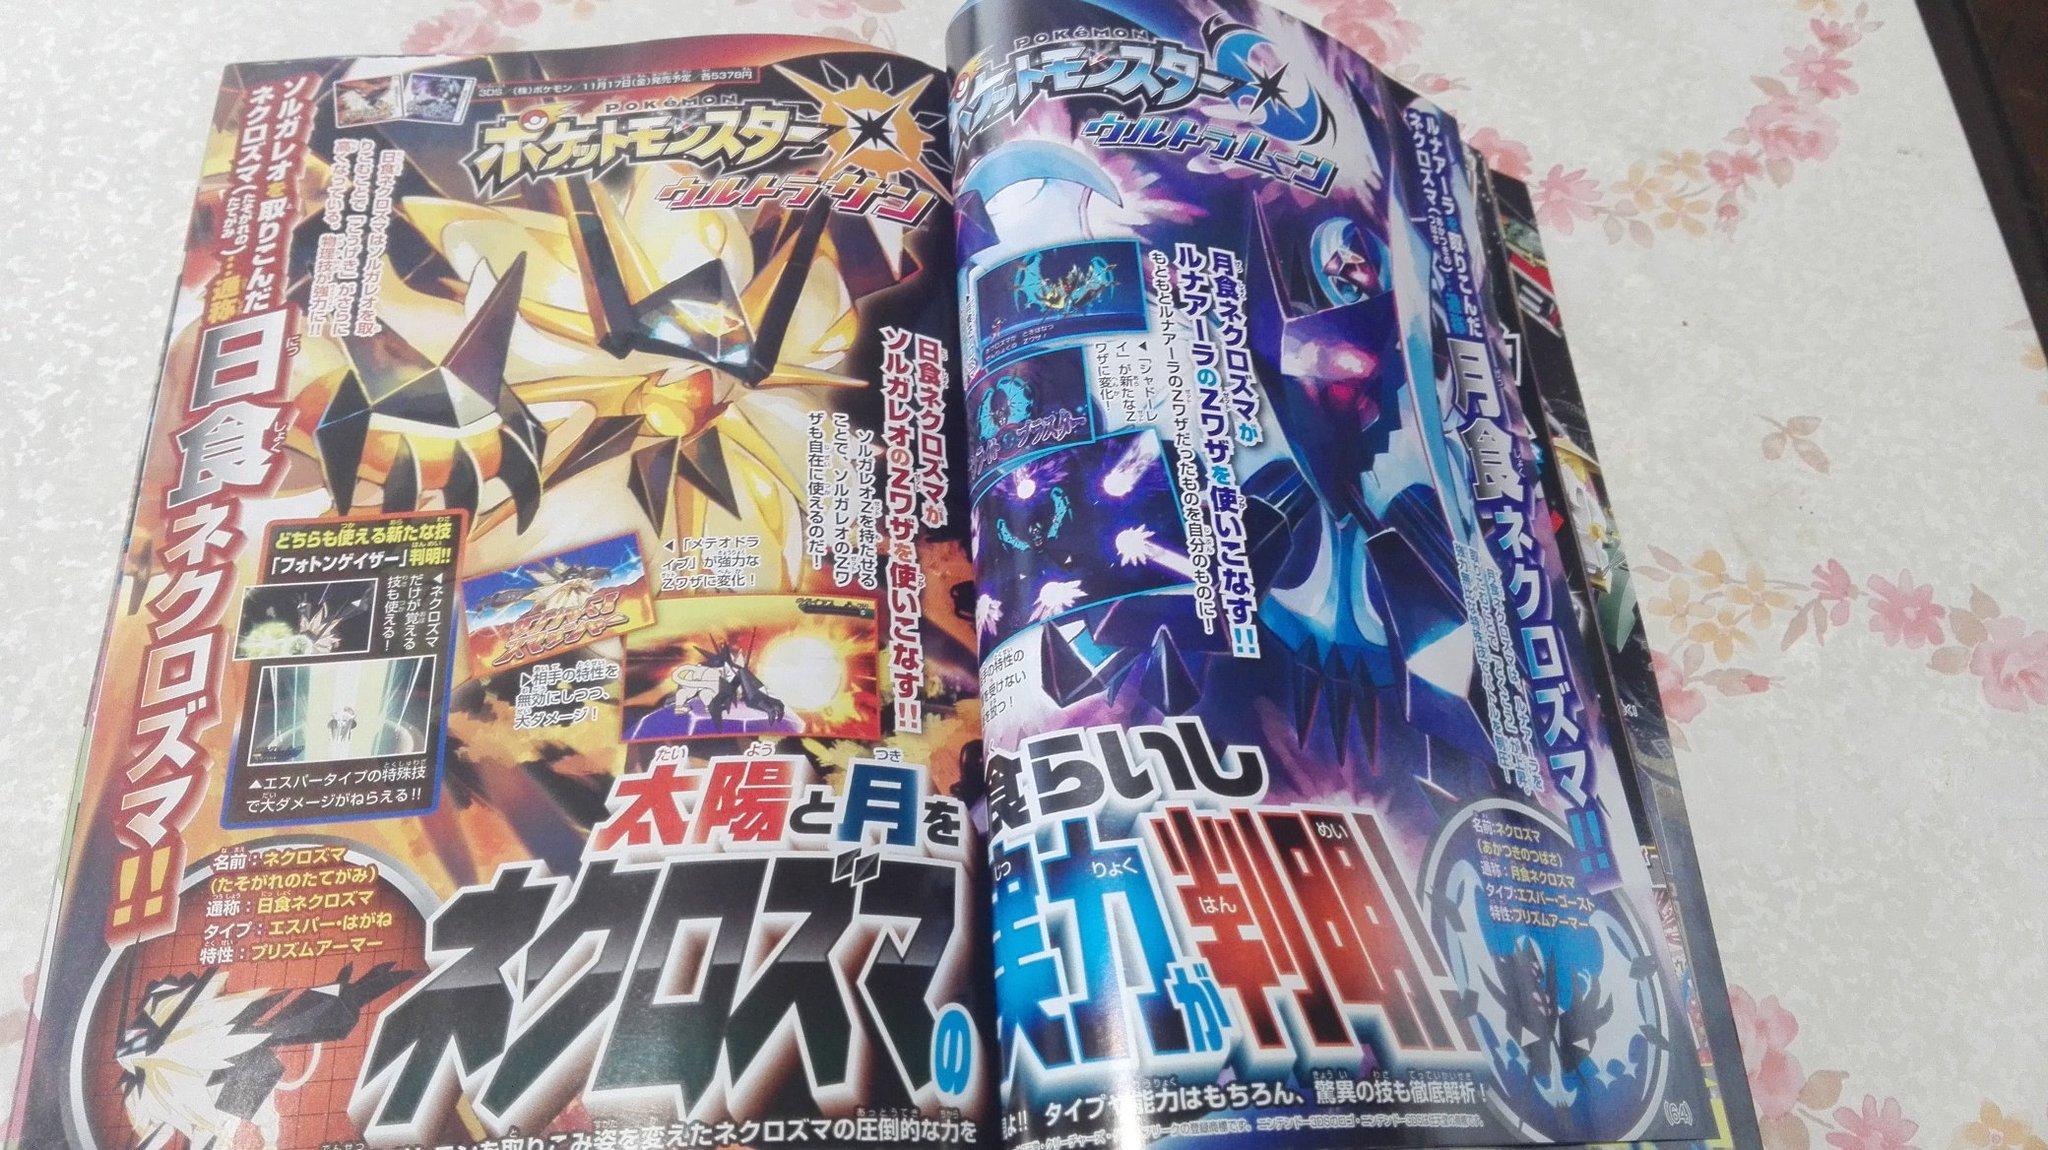 CoroCoro-Scans enthüllen weitere Details zu Pokémon Ultrasonne und Ultramond